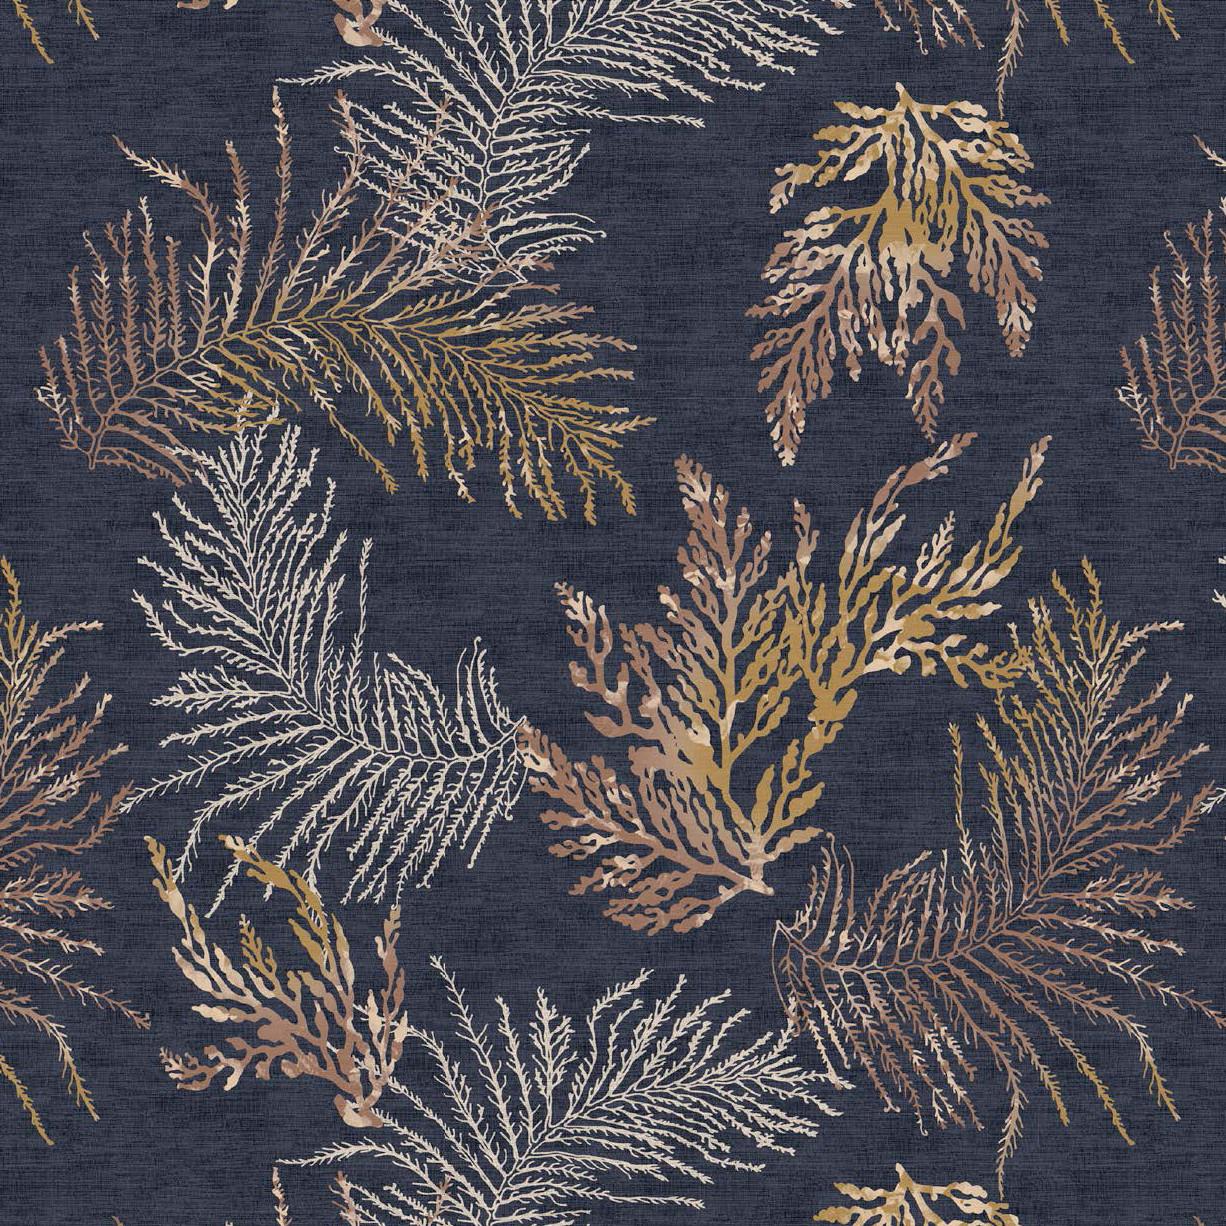 Мебельная ткань Oceana Anthracite 381019/2013, велюр з принтом